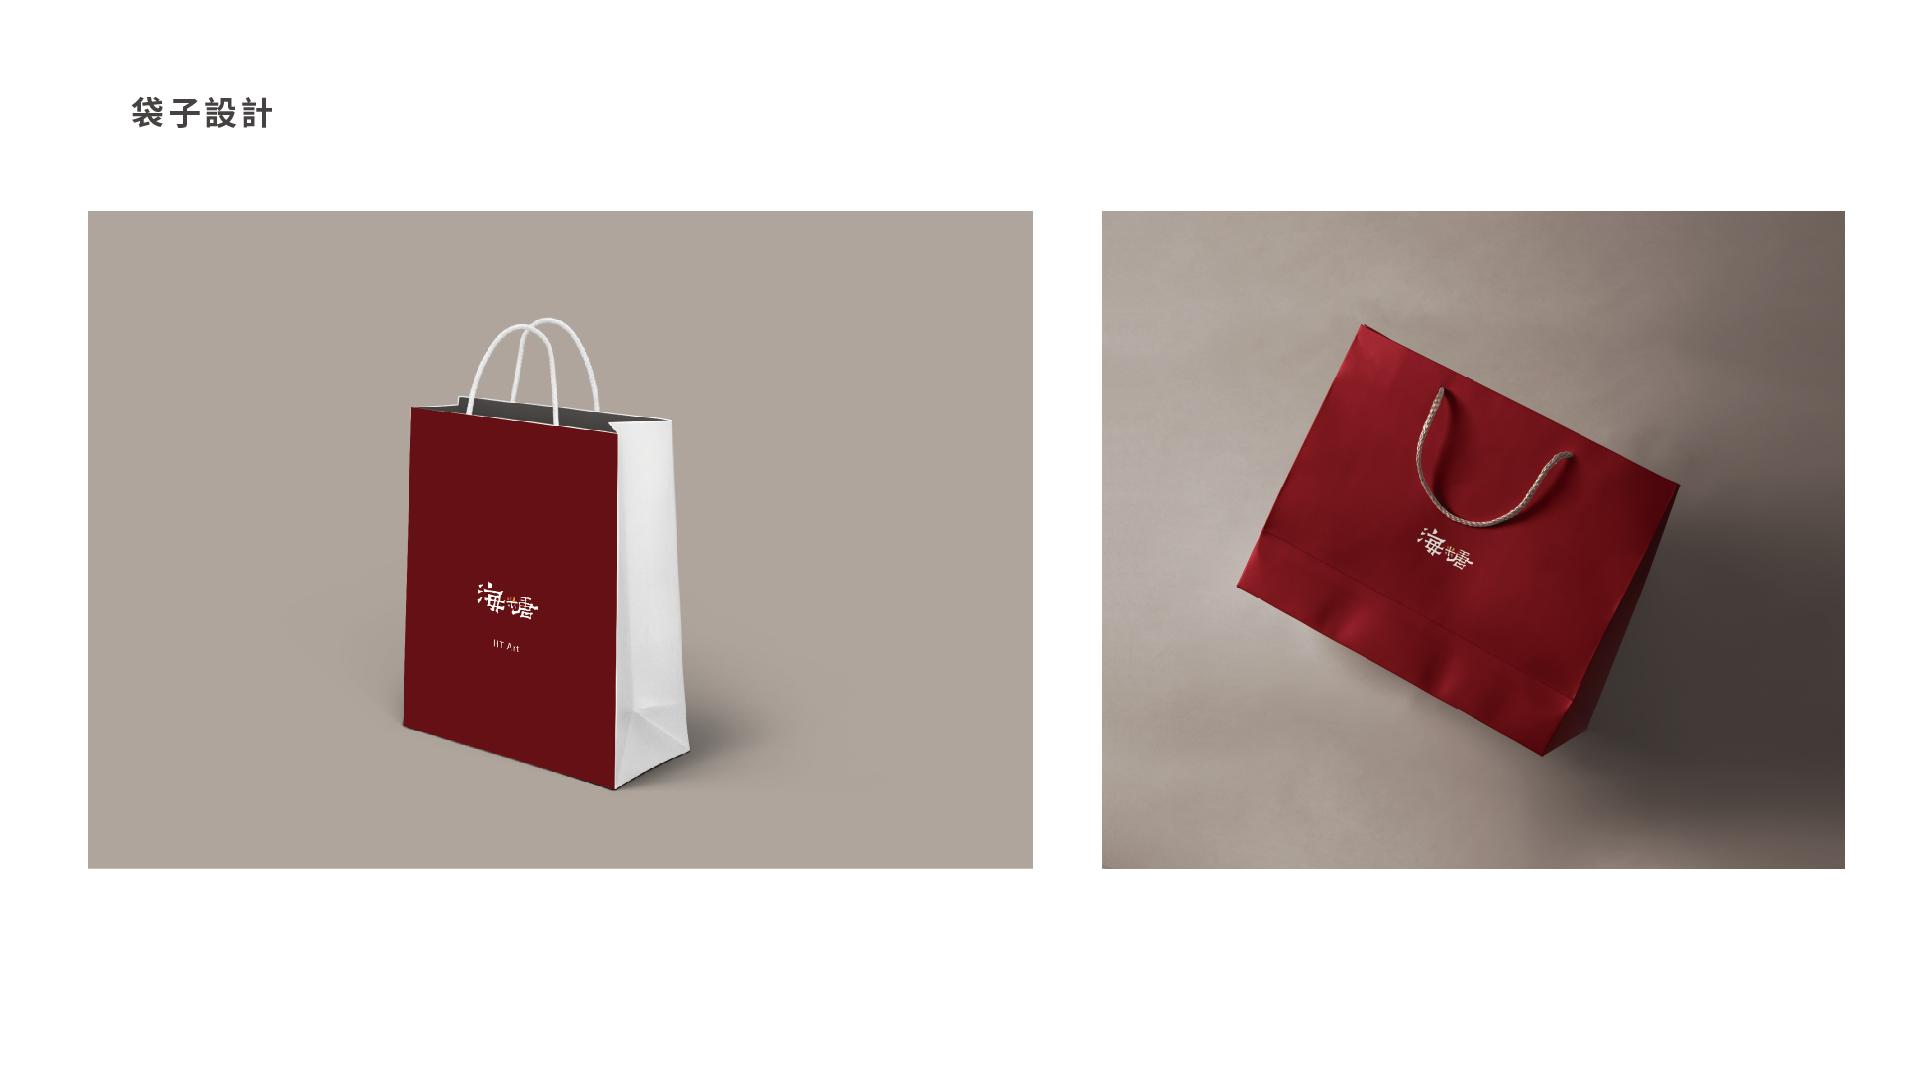 海糖品牌 袋子設計 | 甘樂文創 | 甘之如飴,樂在其中